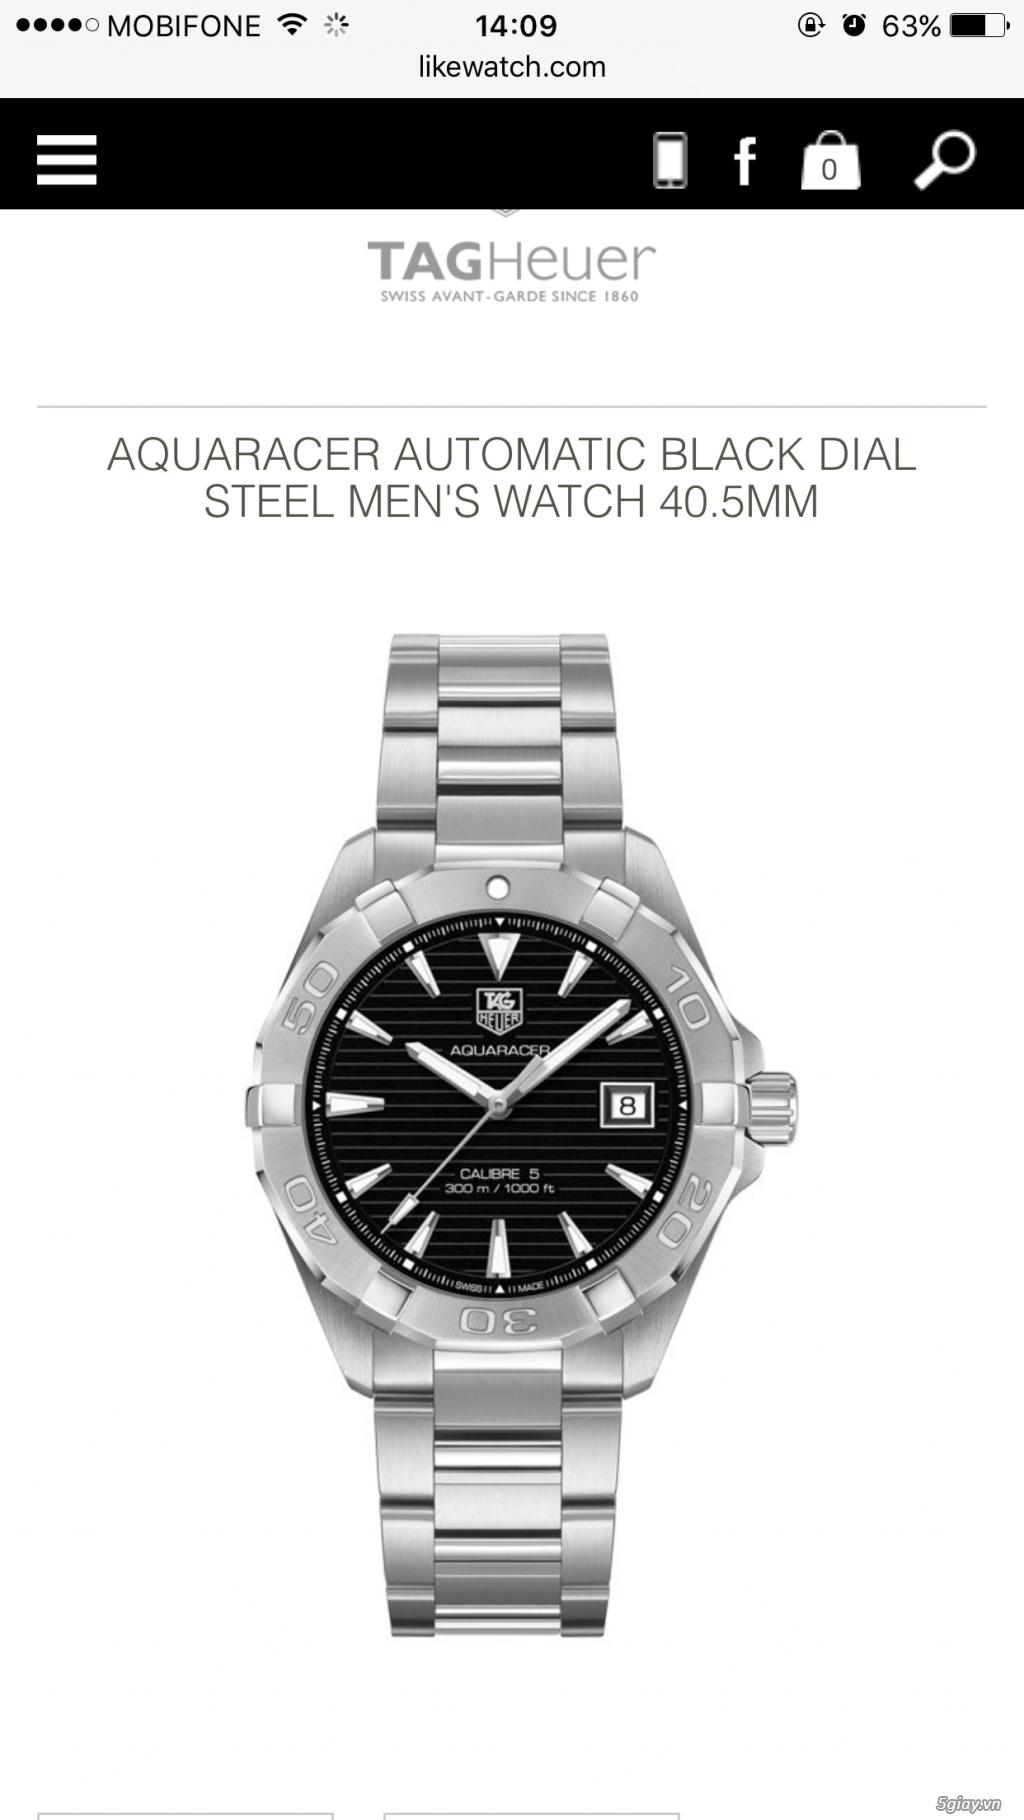 cần bán hai cái đồng hồ xịn giá cực rẻ ... - 3